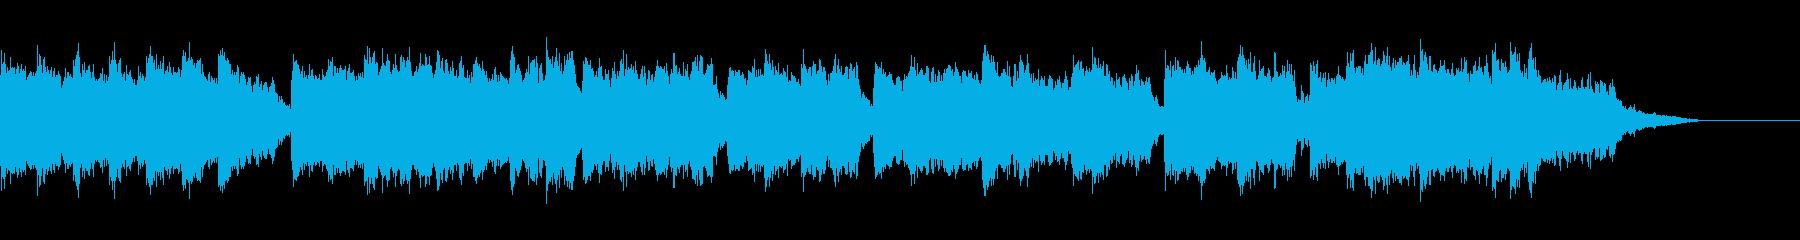 君が代(幻想的なピアノとコーラス)の再生済みの波形